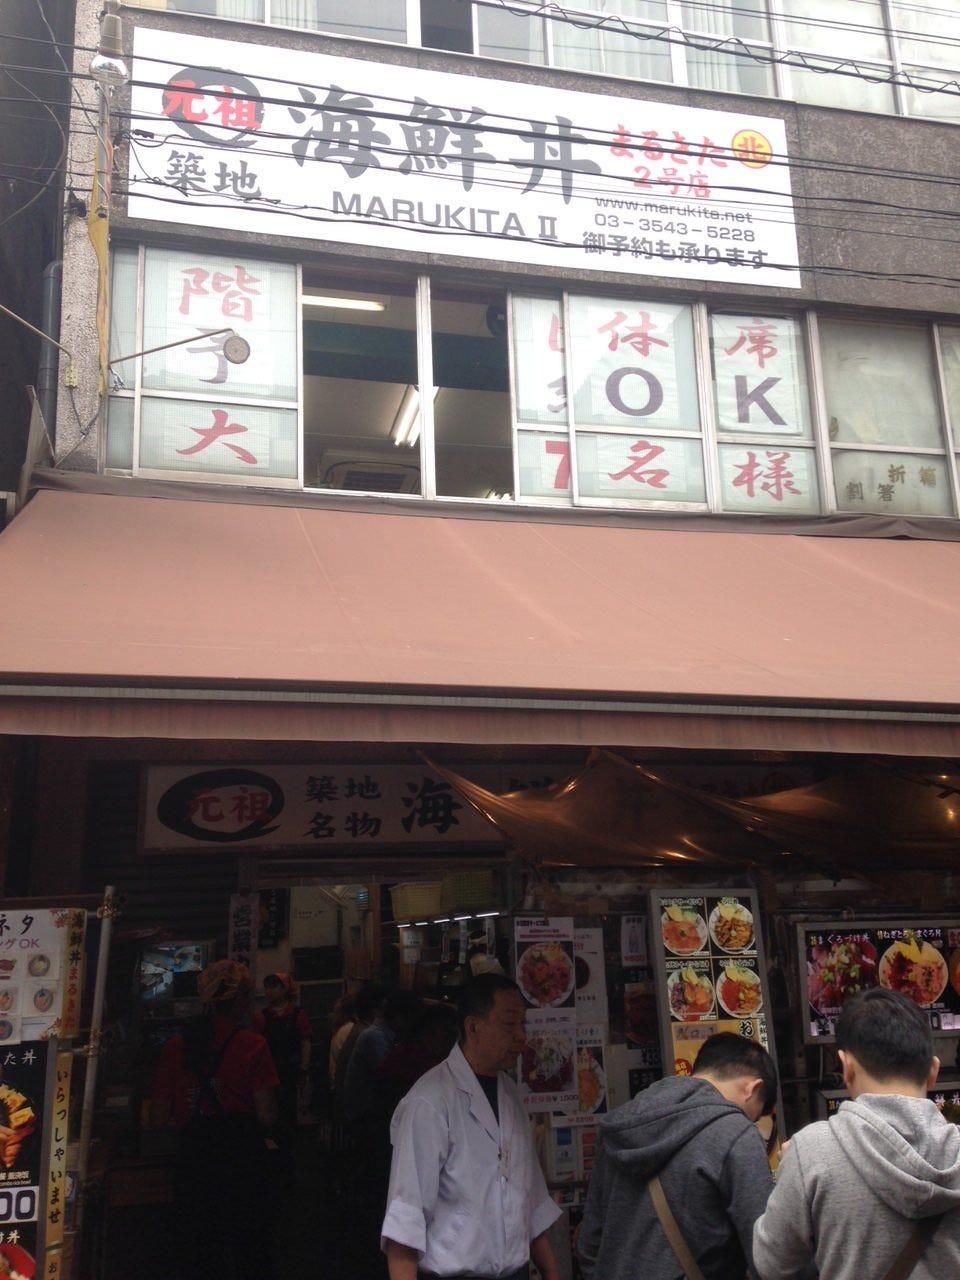 築地 海鮮丼まるきた 2号店